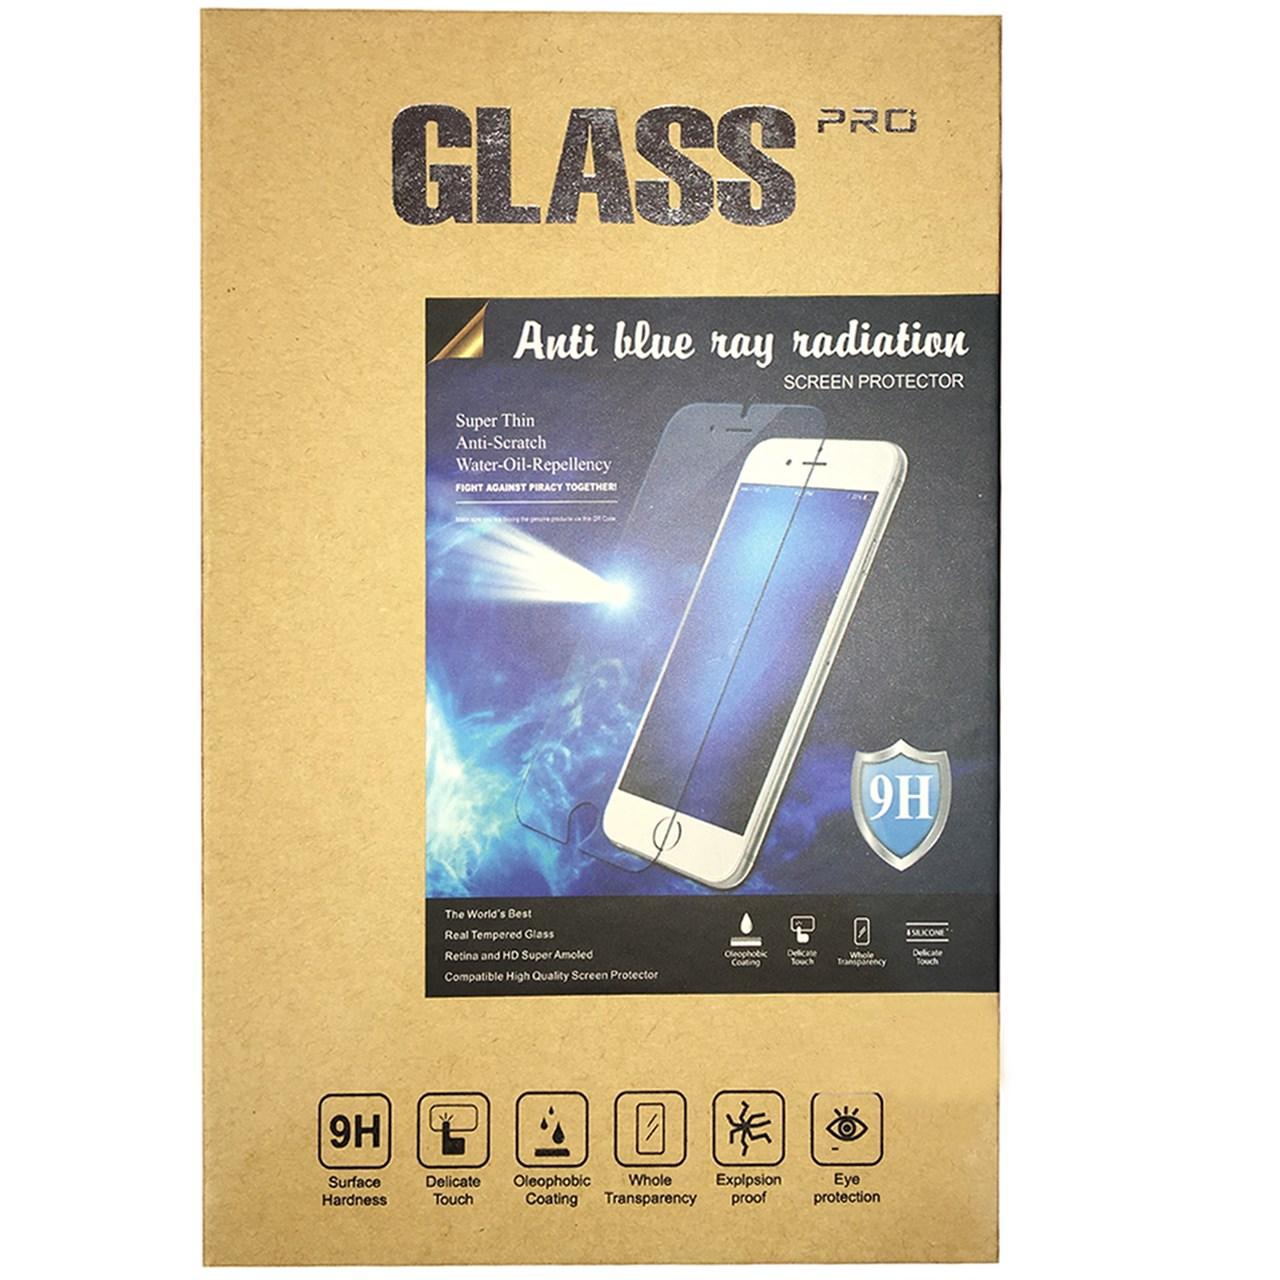 محافظ صفحه نمایش شیشه ای گلس پرو مدل Carbon Privacy مناسب برای گوشی اپل   آیفون 6/6S